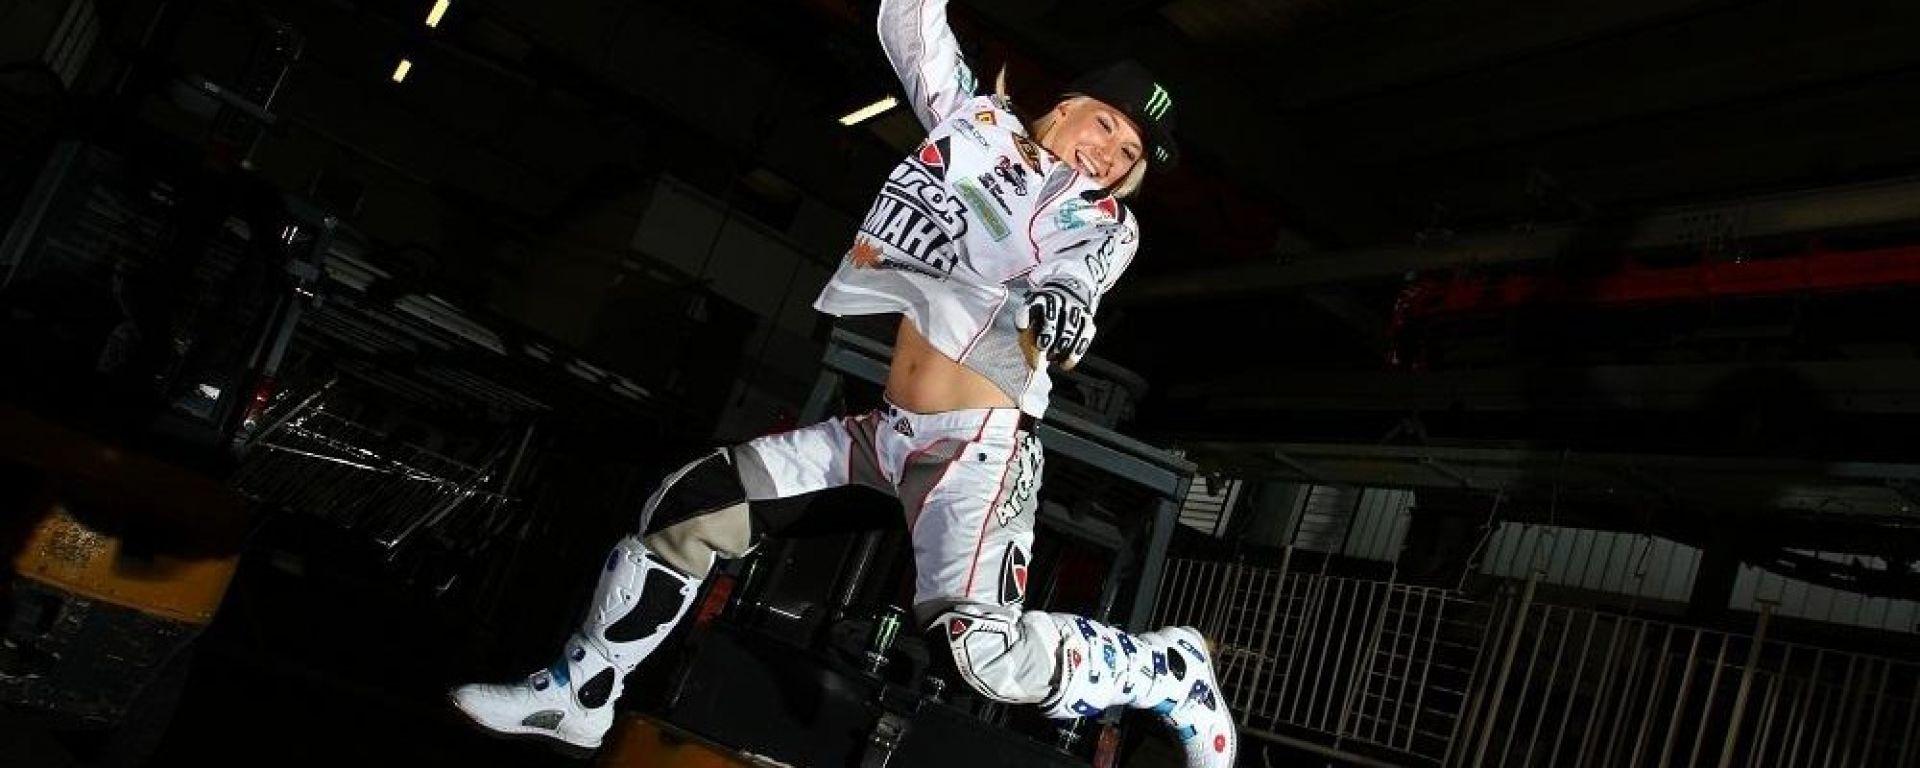 Chiara Fontanesi Campionessa del Mondo WMX